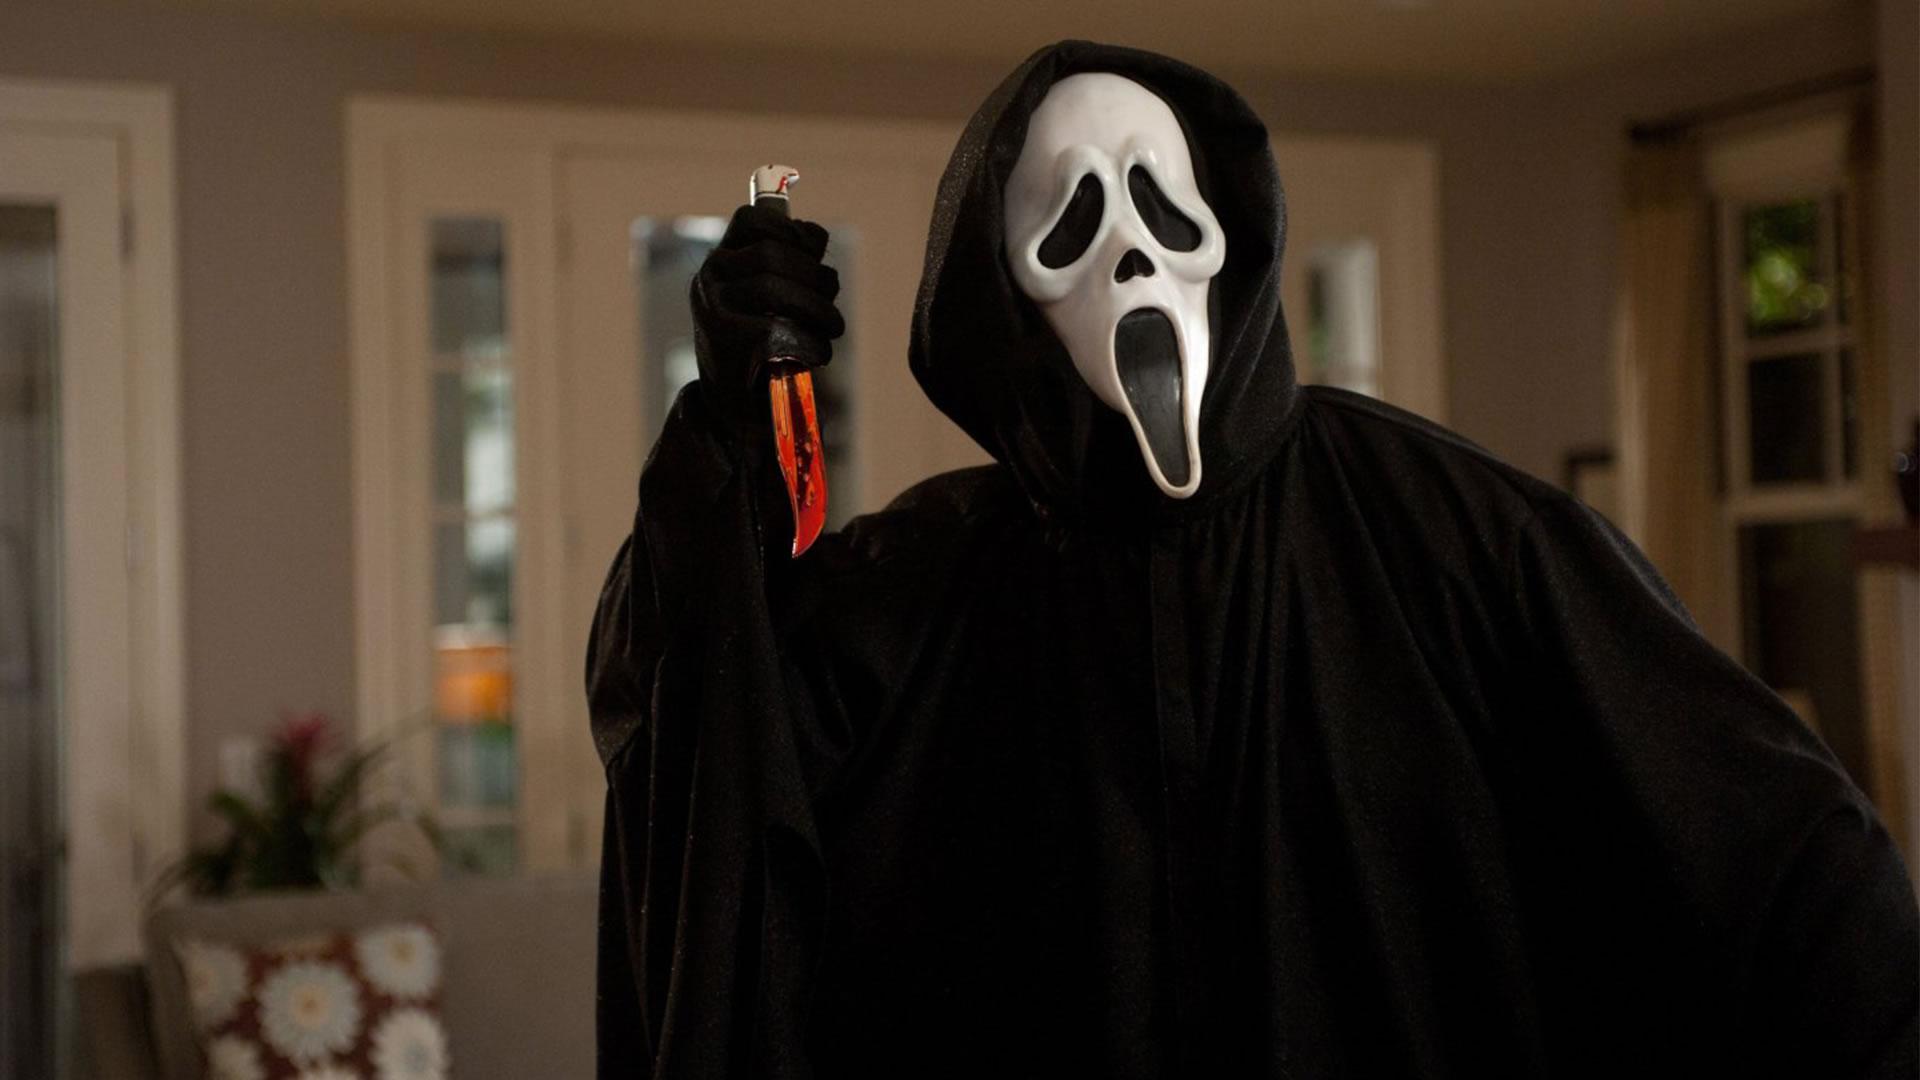 惊声尖叫 电影 高清在线观看 搜狐影院